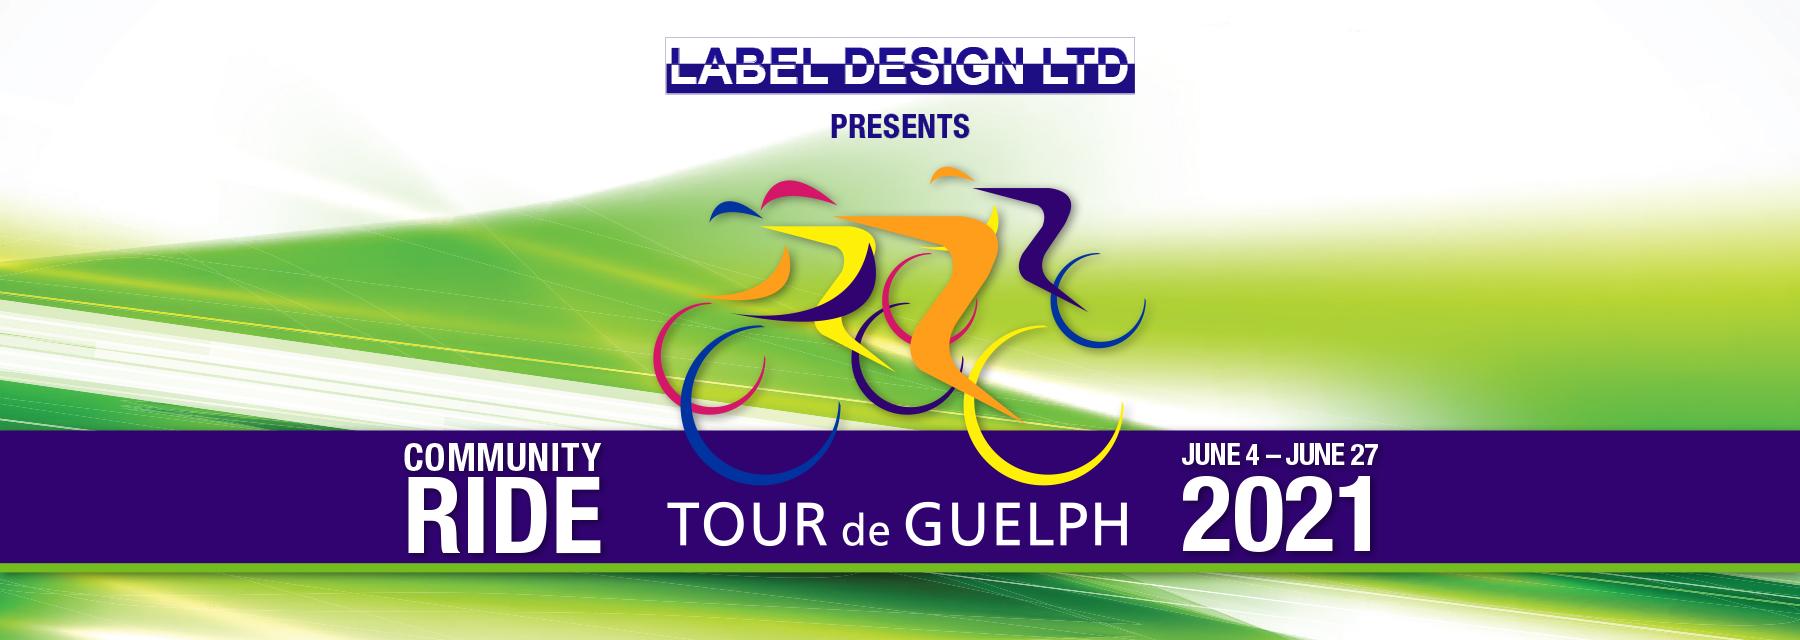 Tour de Guelph – Tour de Guelph